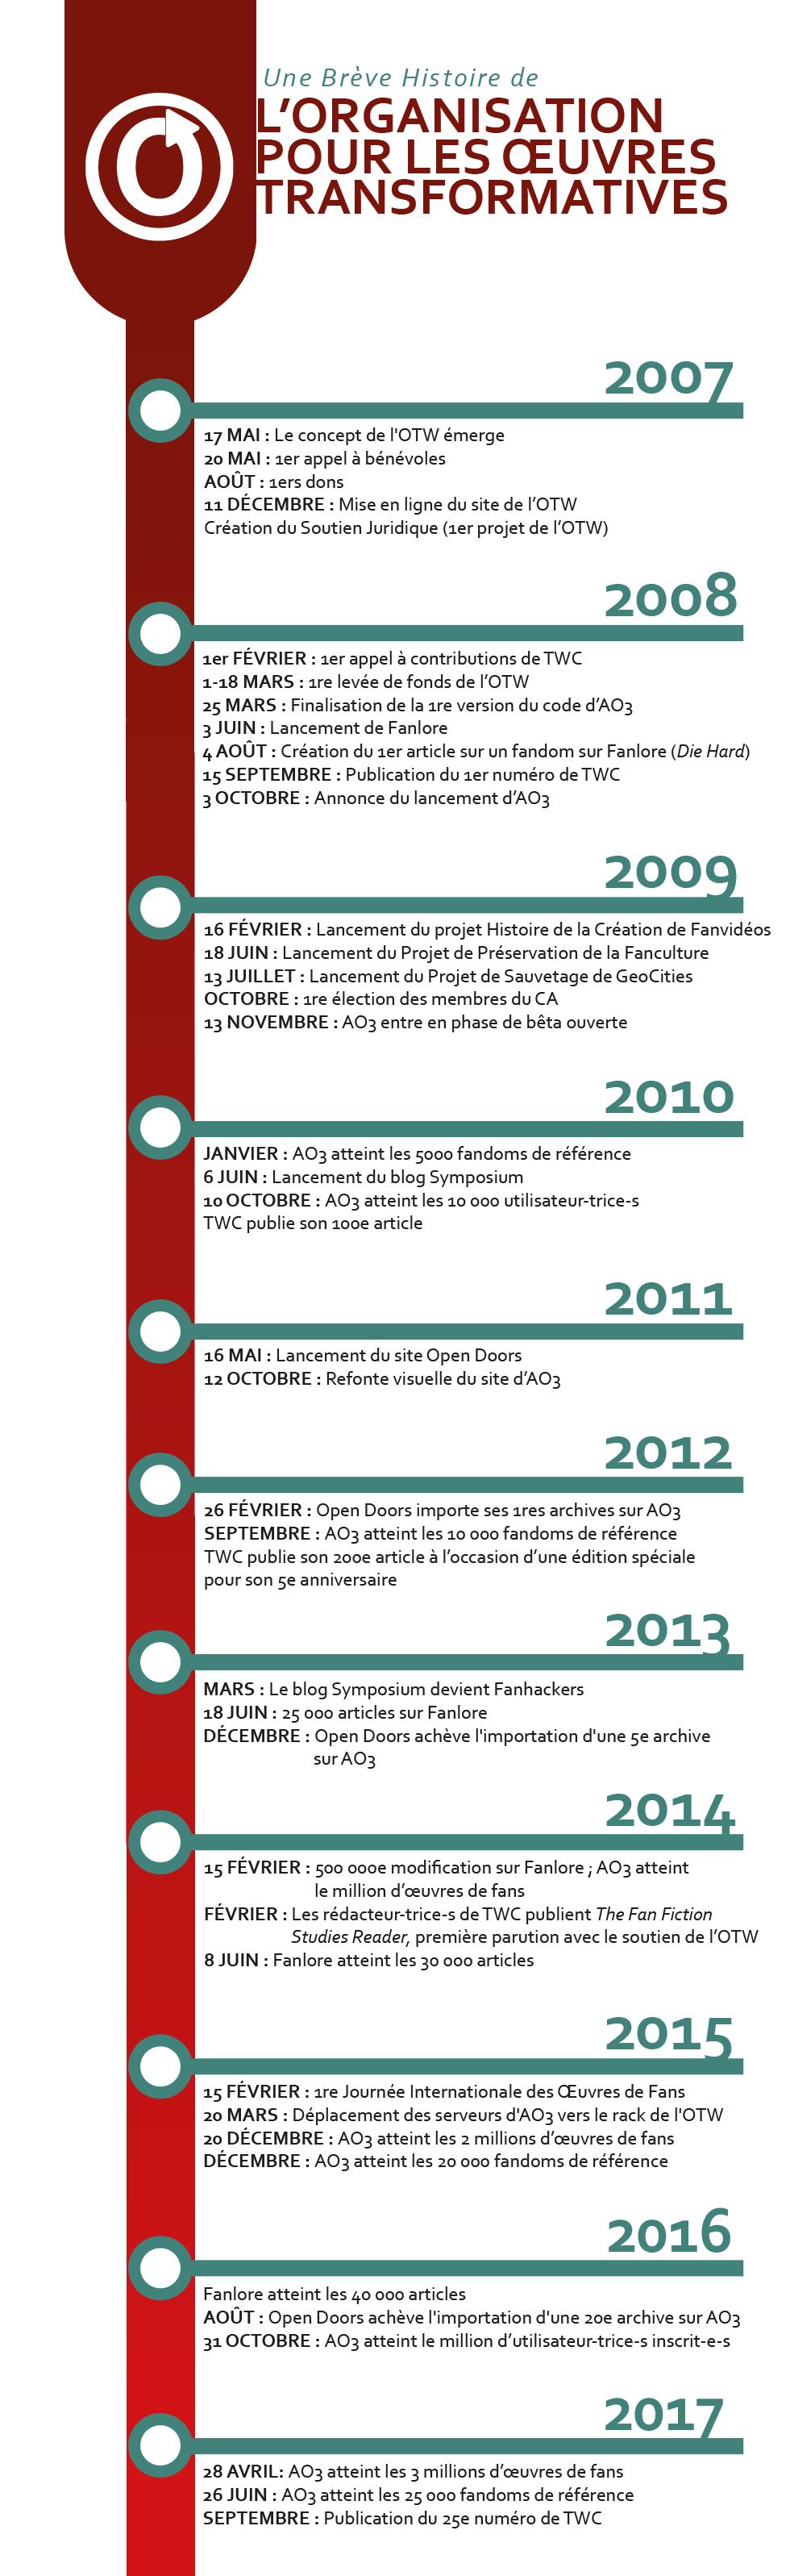 Calendrier des étapes majeures de l'OTW